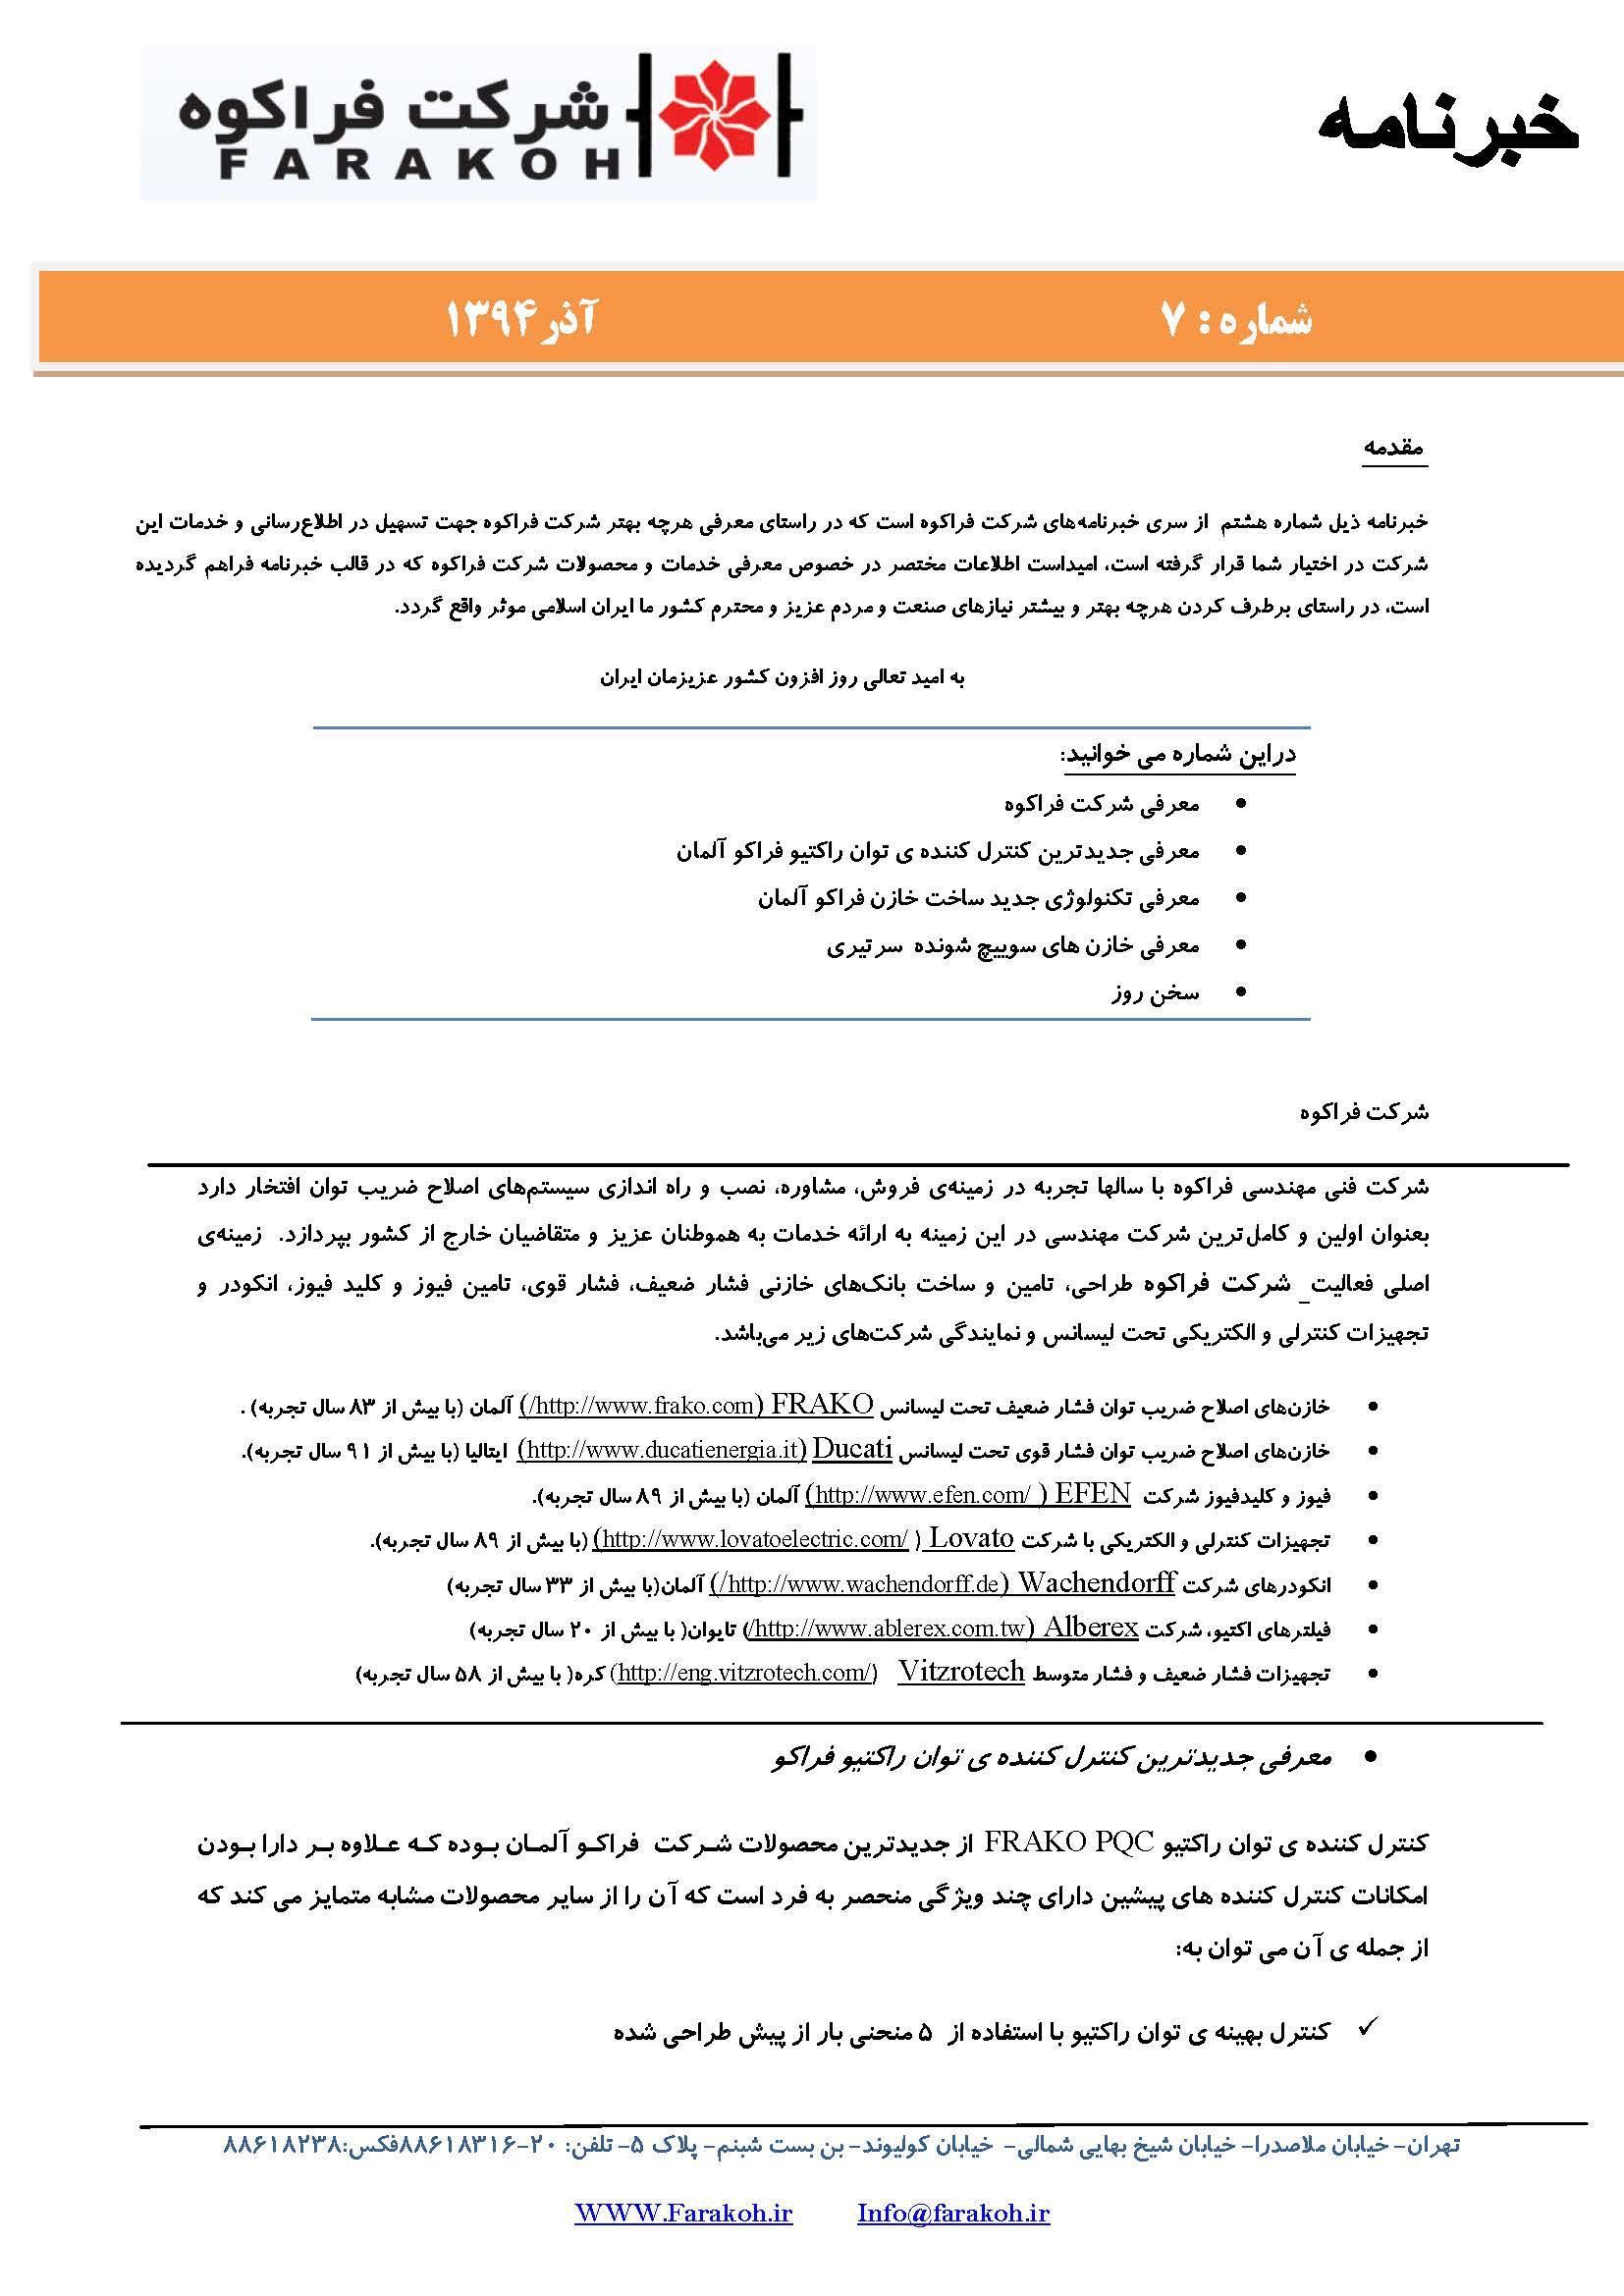 خبرنامه-شماره-۷_Page_1